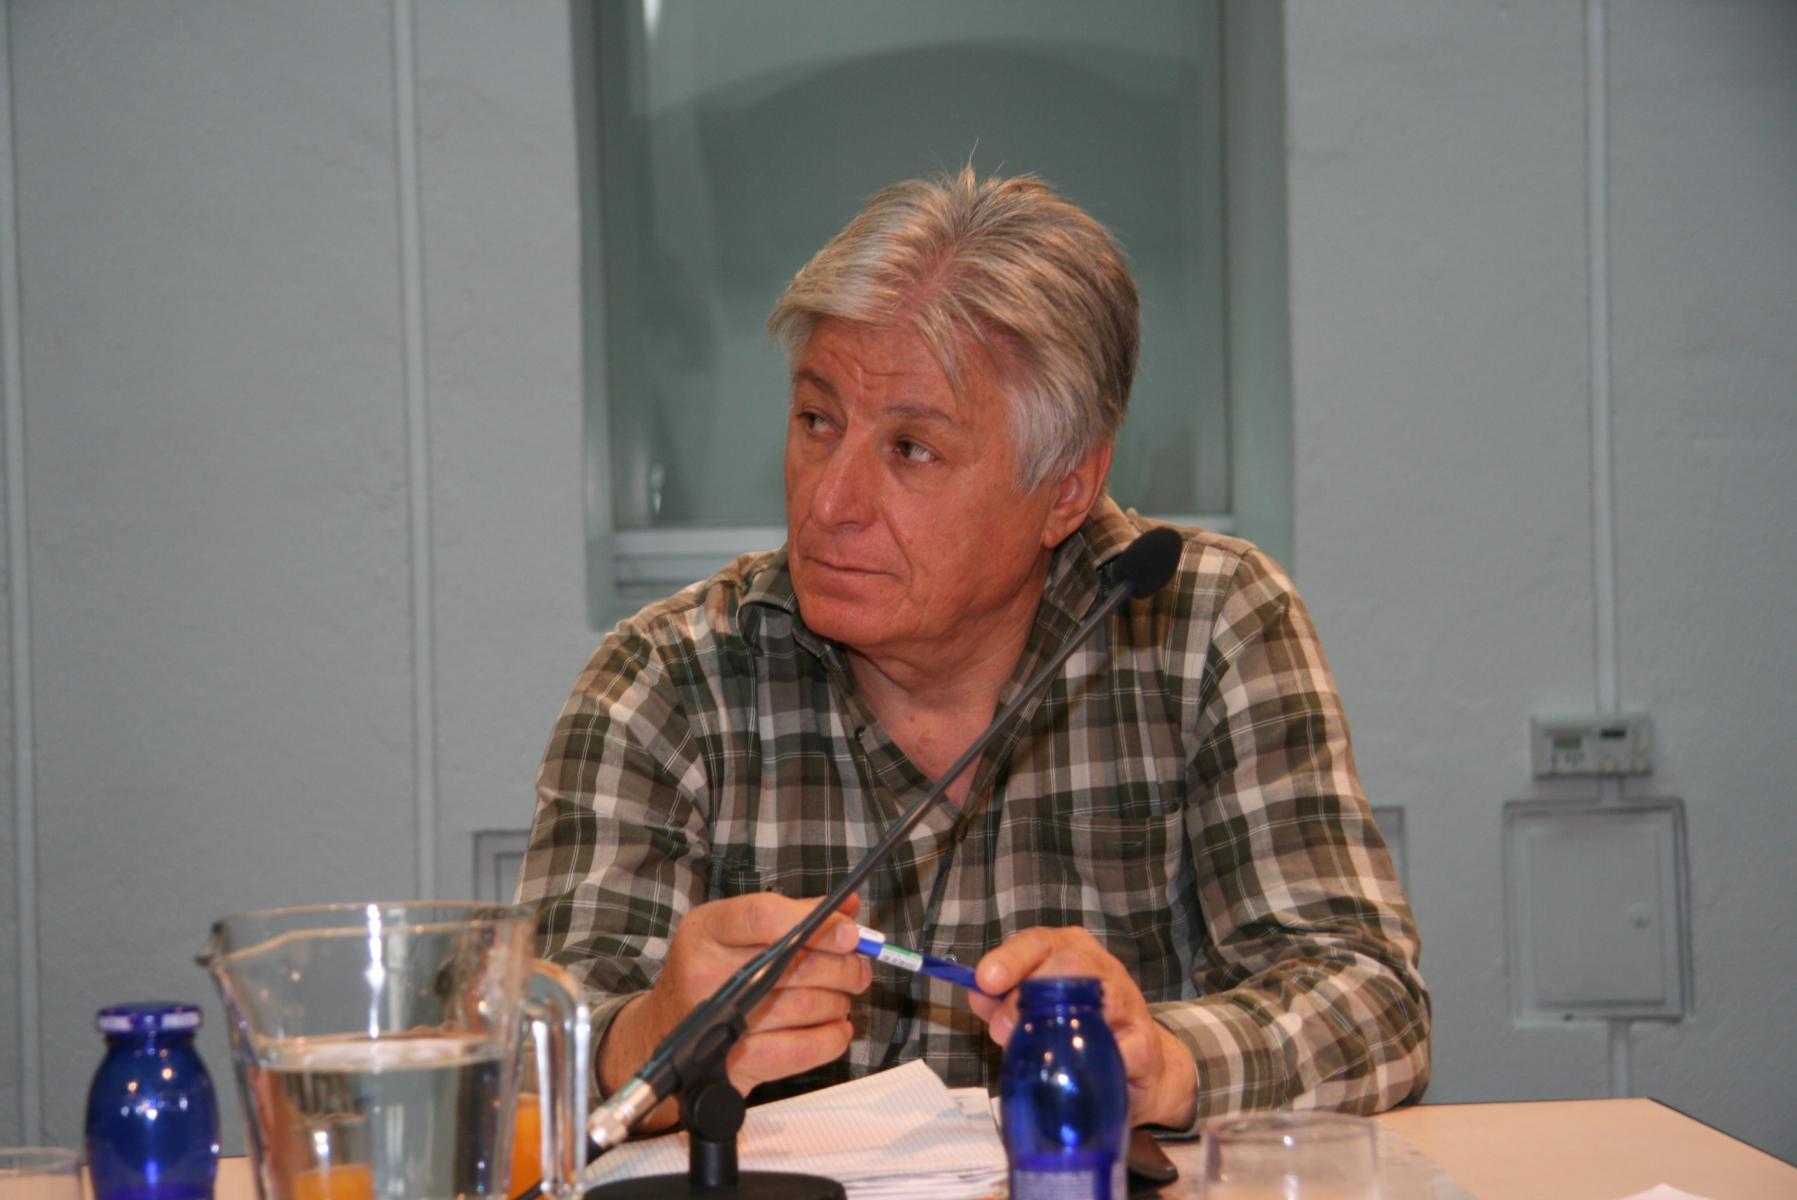 Zagonski posvet. Foto: Urša Šivic.